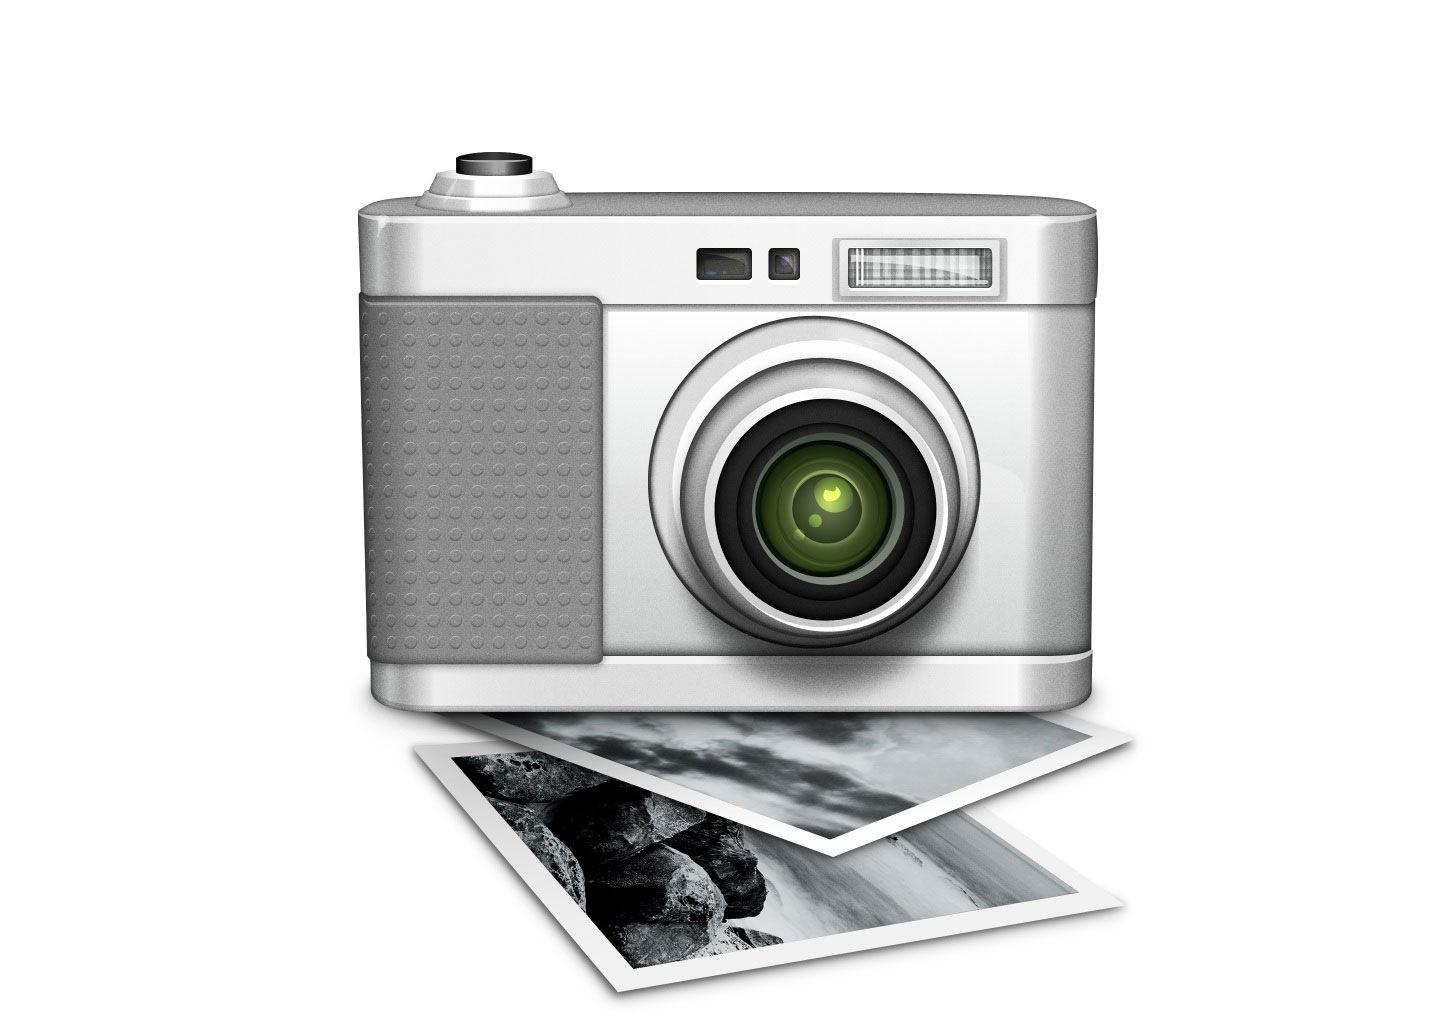 iPhone/iPadをMacに接続するたびに開くイメージキャプチャを起動させない方法。